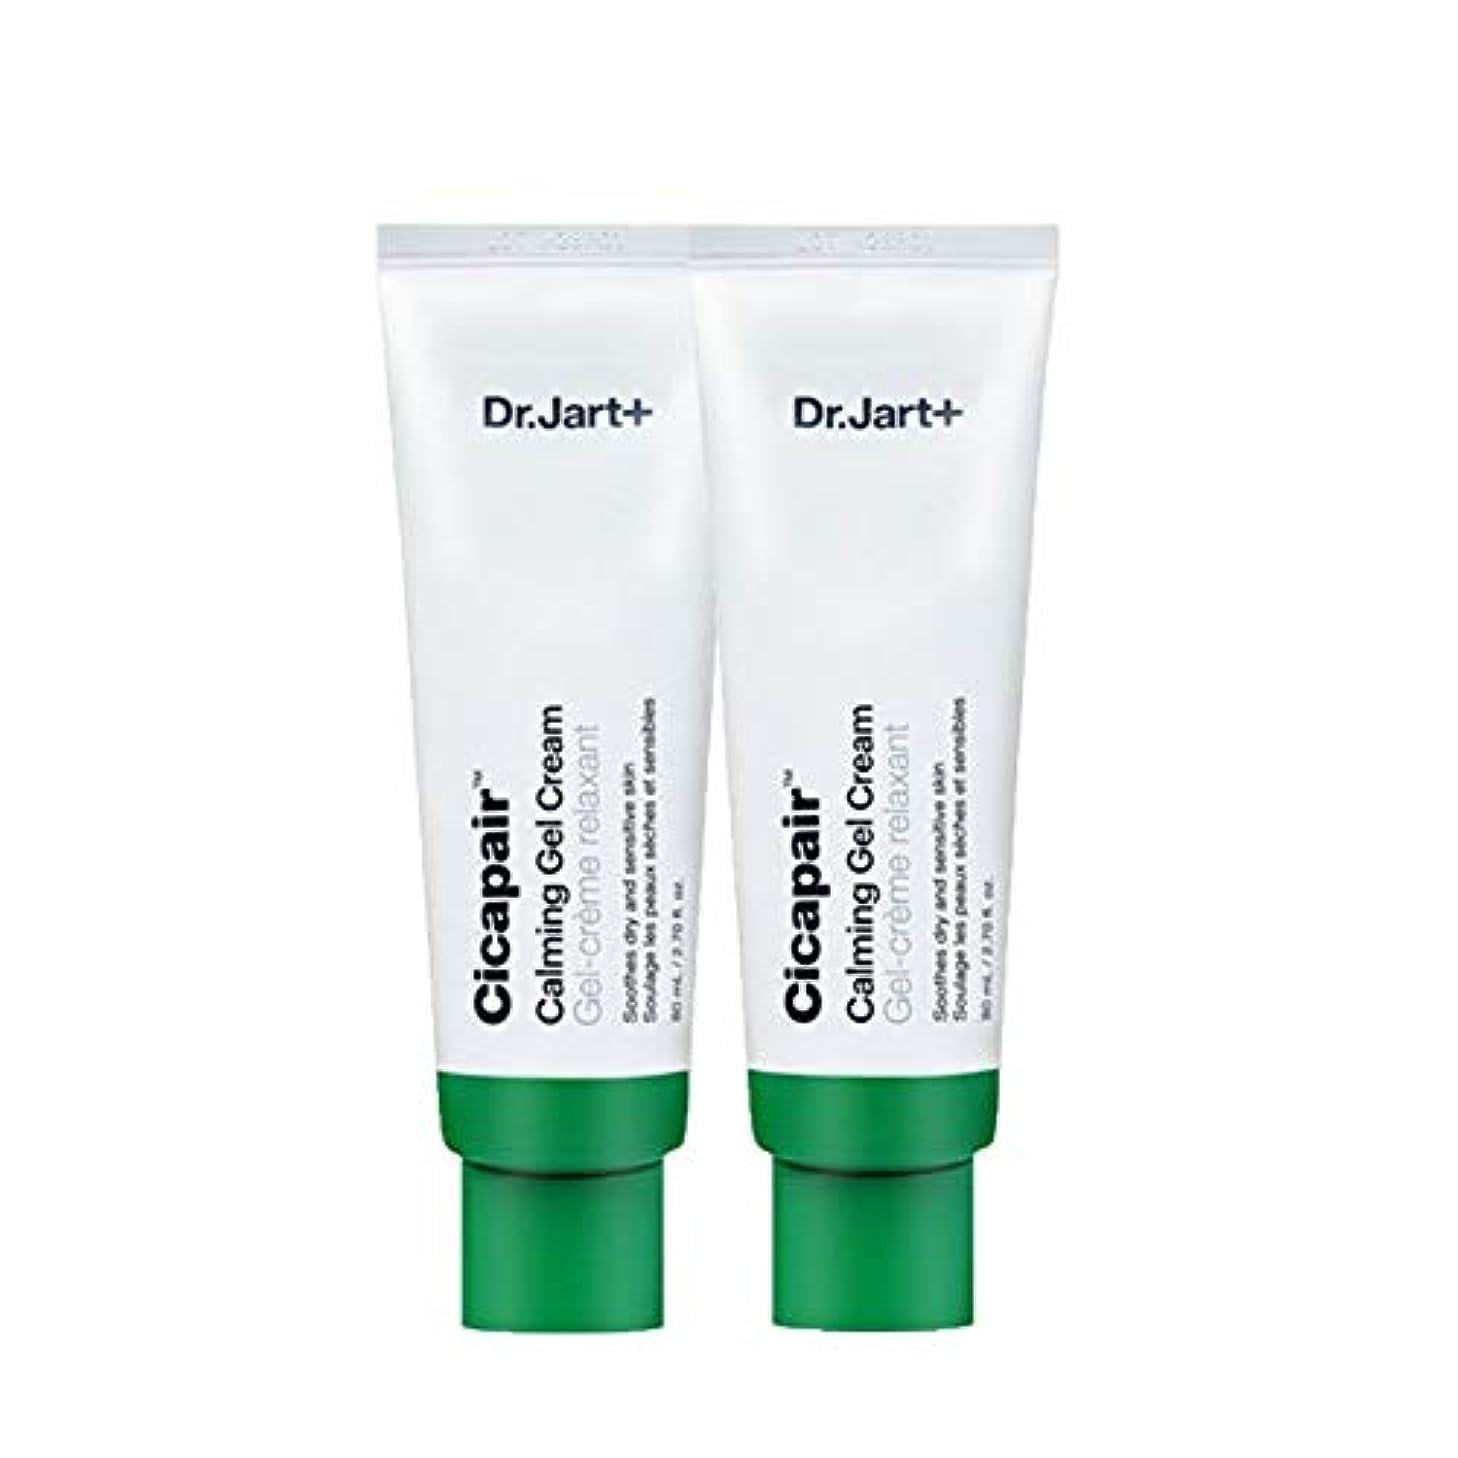 キャリッジ会話ライセンスドクタージャルトゥシカフェアカミングジェルクリーム80mlx2本セットシワ改善韓国コスメ、Dr.Jart Cicapair Calming Gel Cream 80ml x 2ea Set Korean Cosmetics...